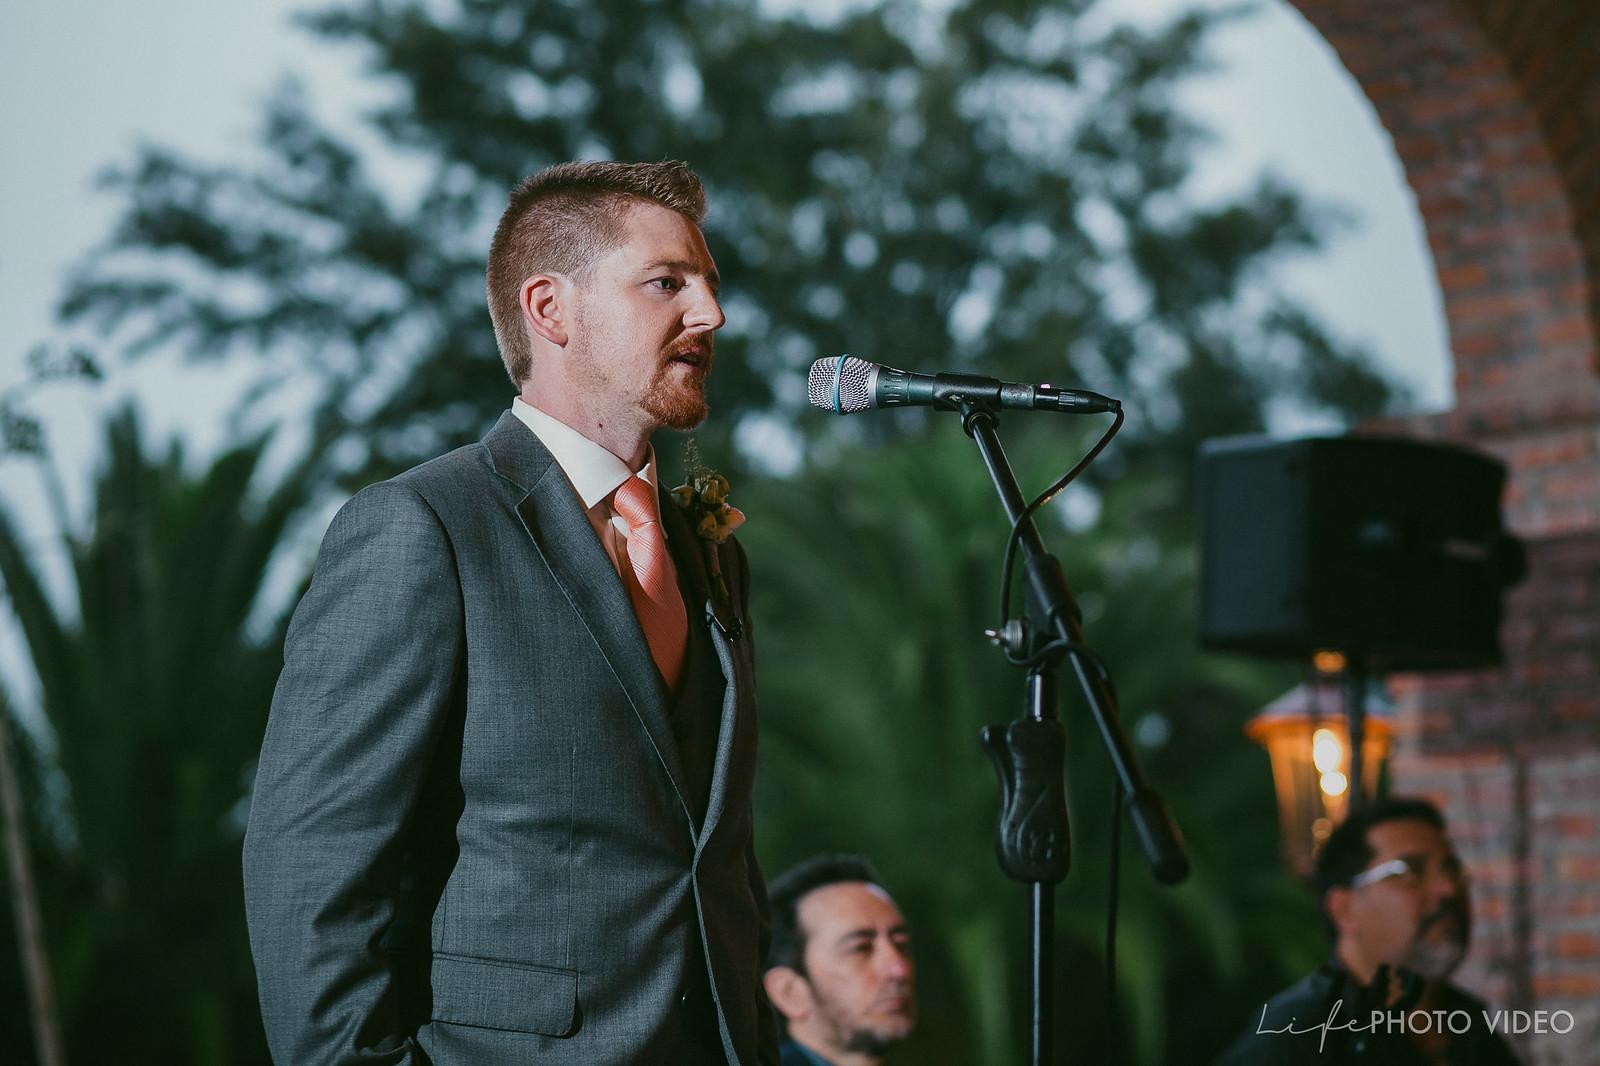 LifePhotoVideo_Boda_LeonGto_Wedding_0020.jpg